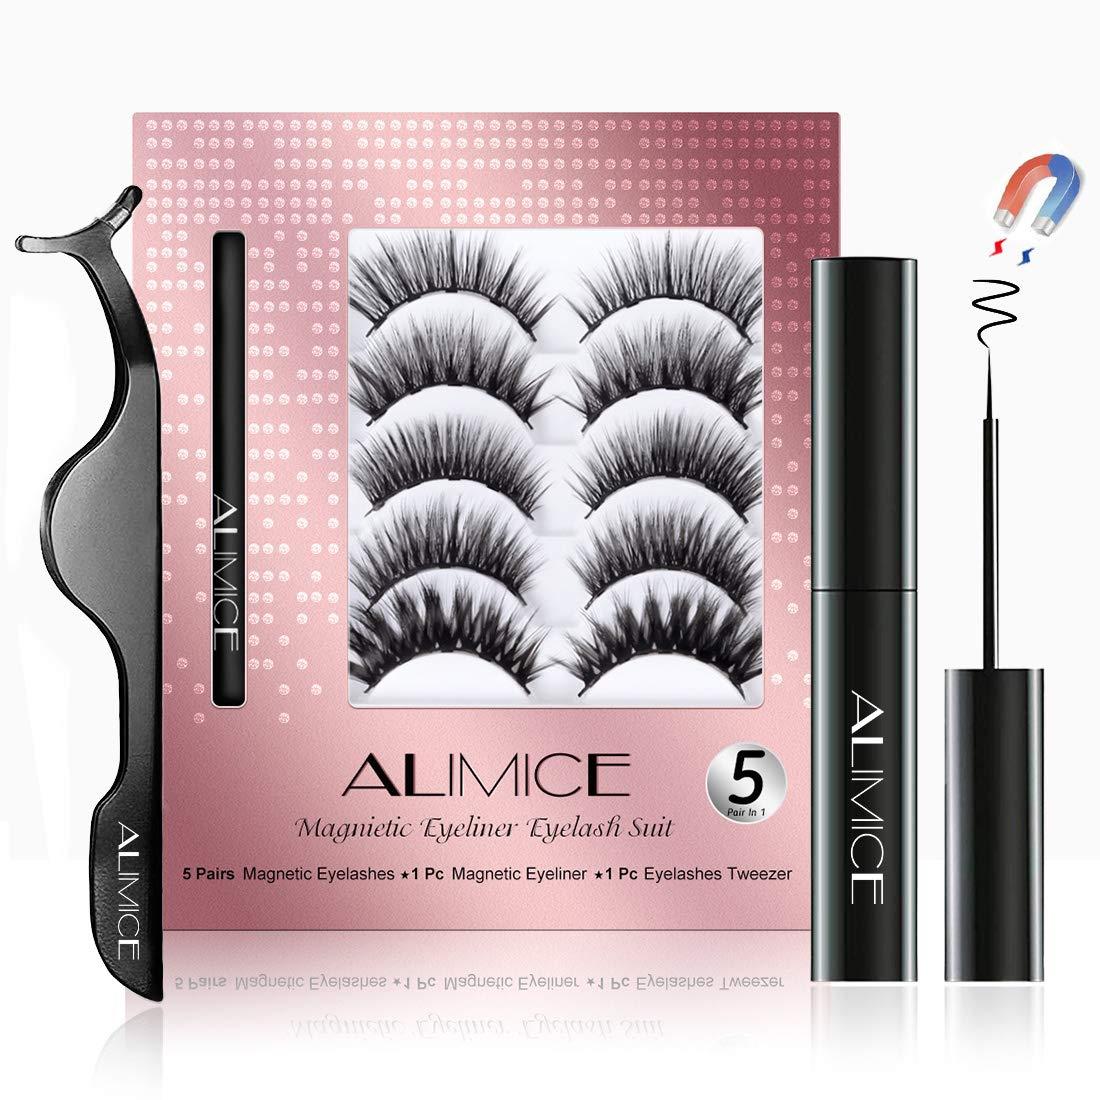 5 Pairs Magnetic Eyelashes with Eyeliner - Magnetic Eyeliner and Lashes Kit Natural Look - Magnetic Lashes with Magnetic Eyeliner - No Glue Needed